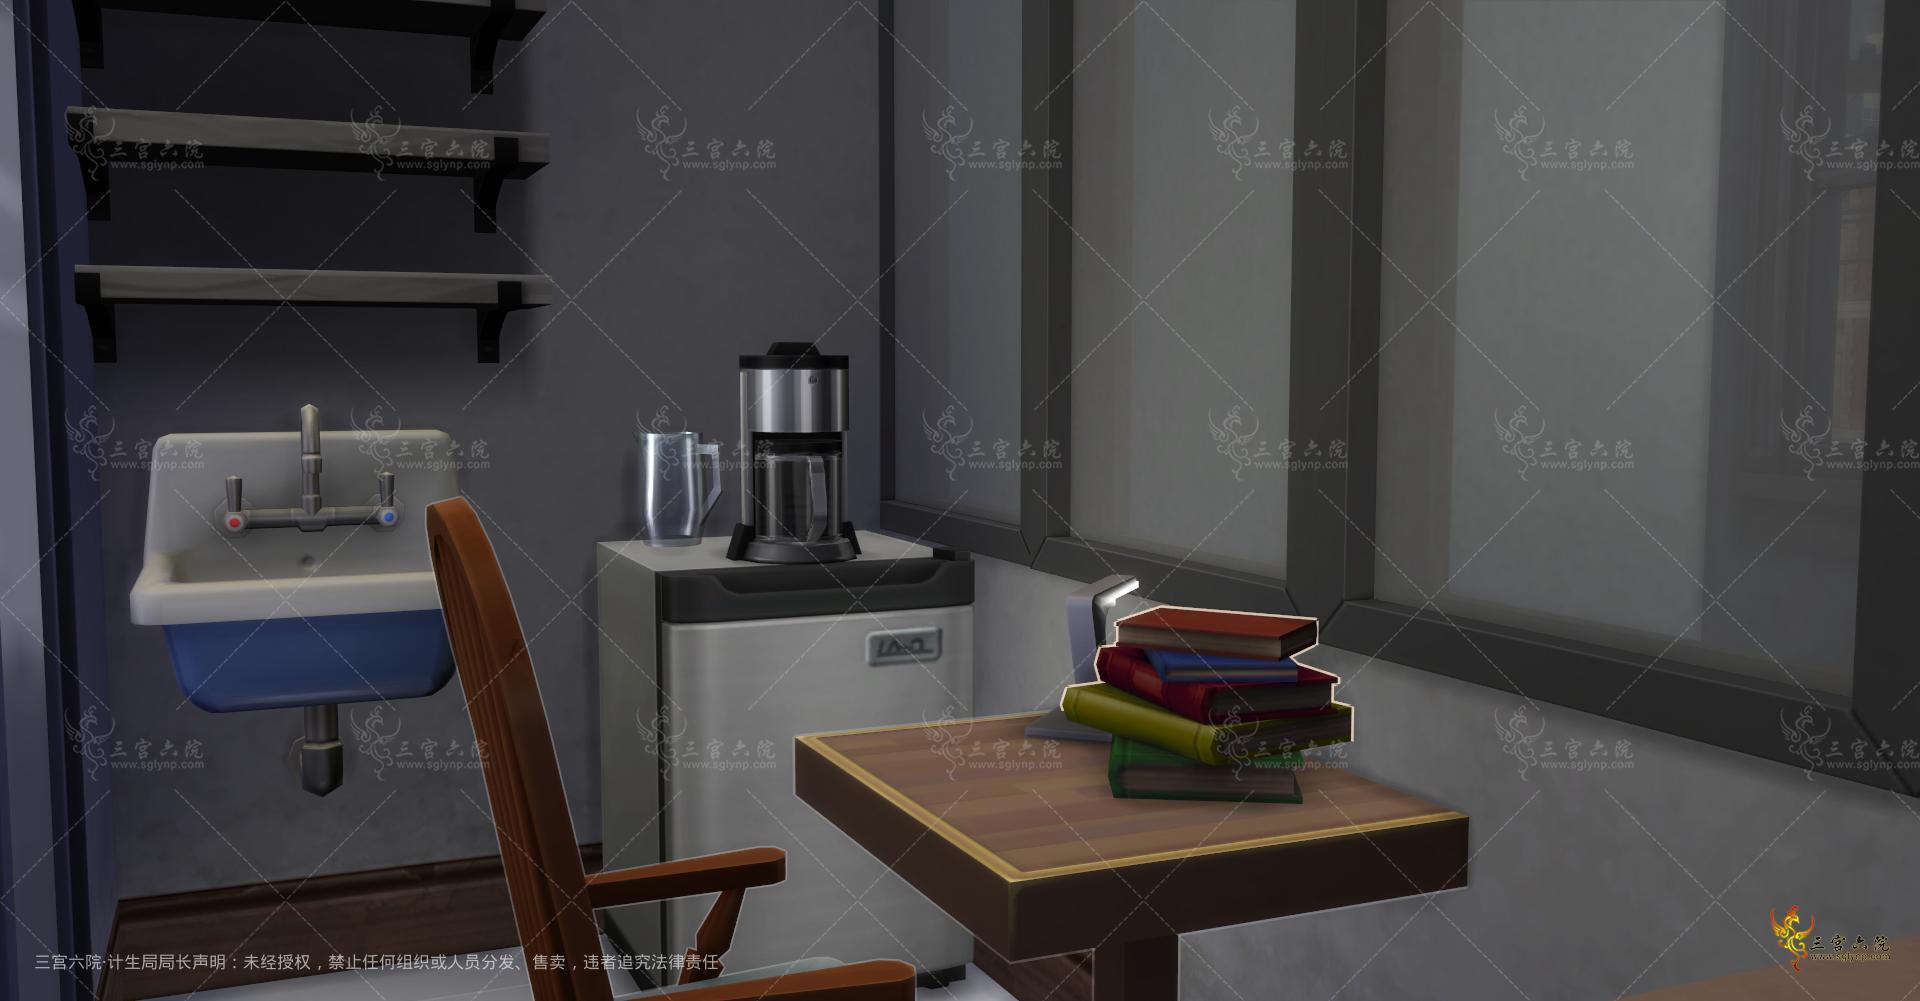 Sims 4 Screenshot 2021.10.04 - 22.23.08.47.png